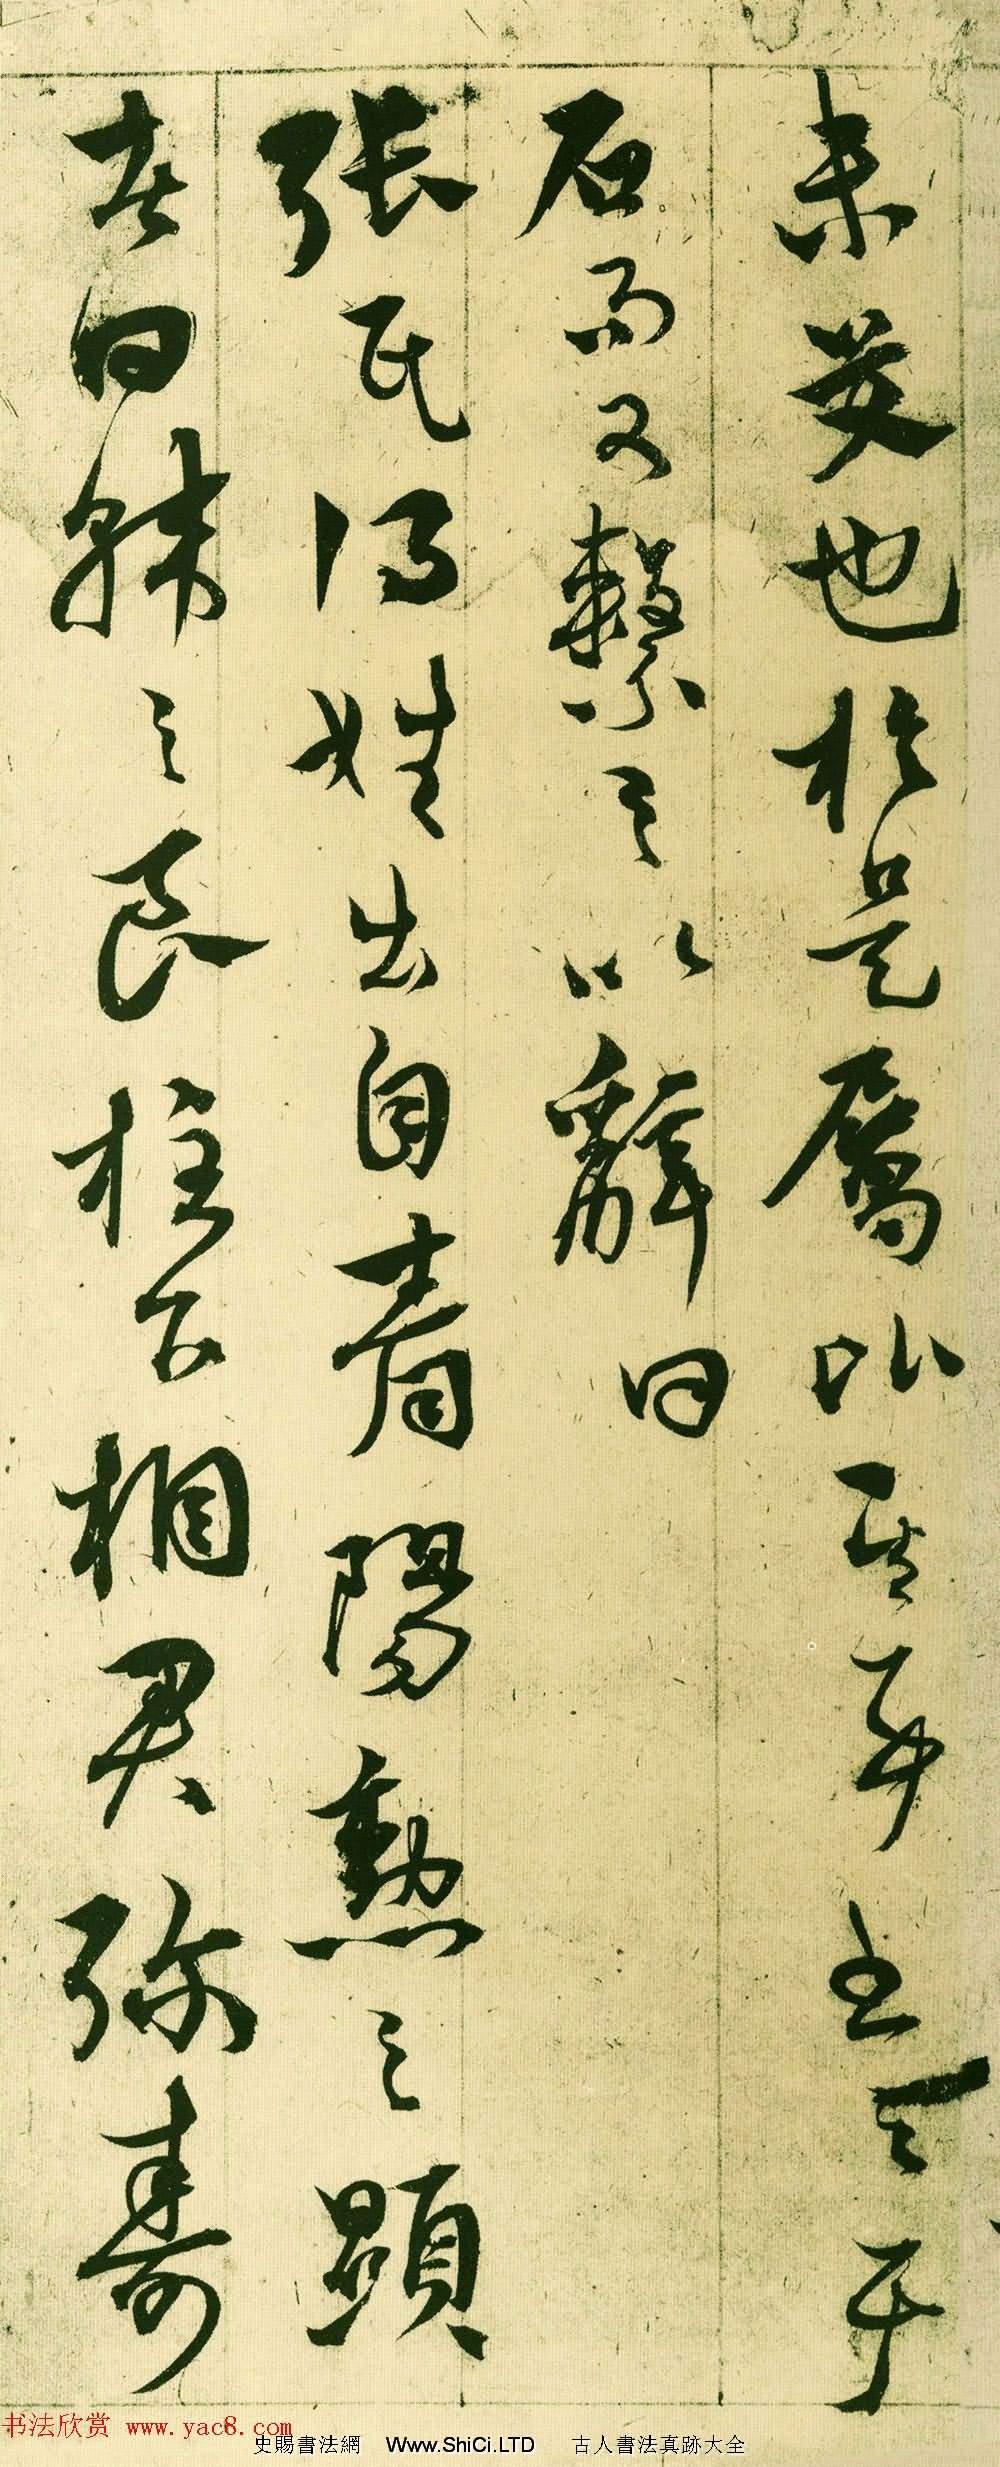 楊維楨晚年草書的代表作《張氏通波阡表》